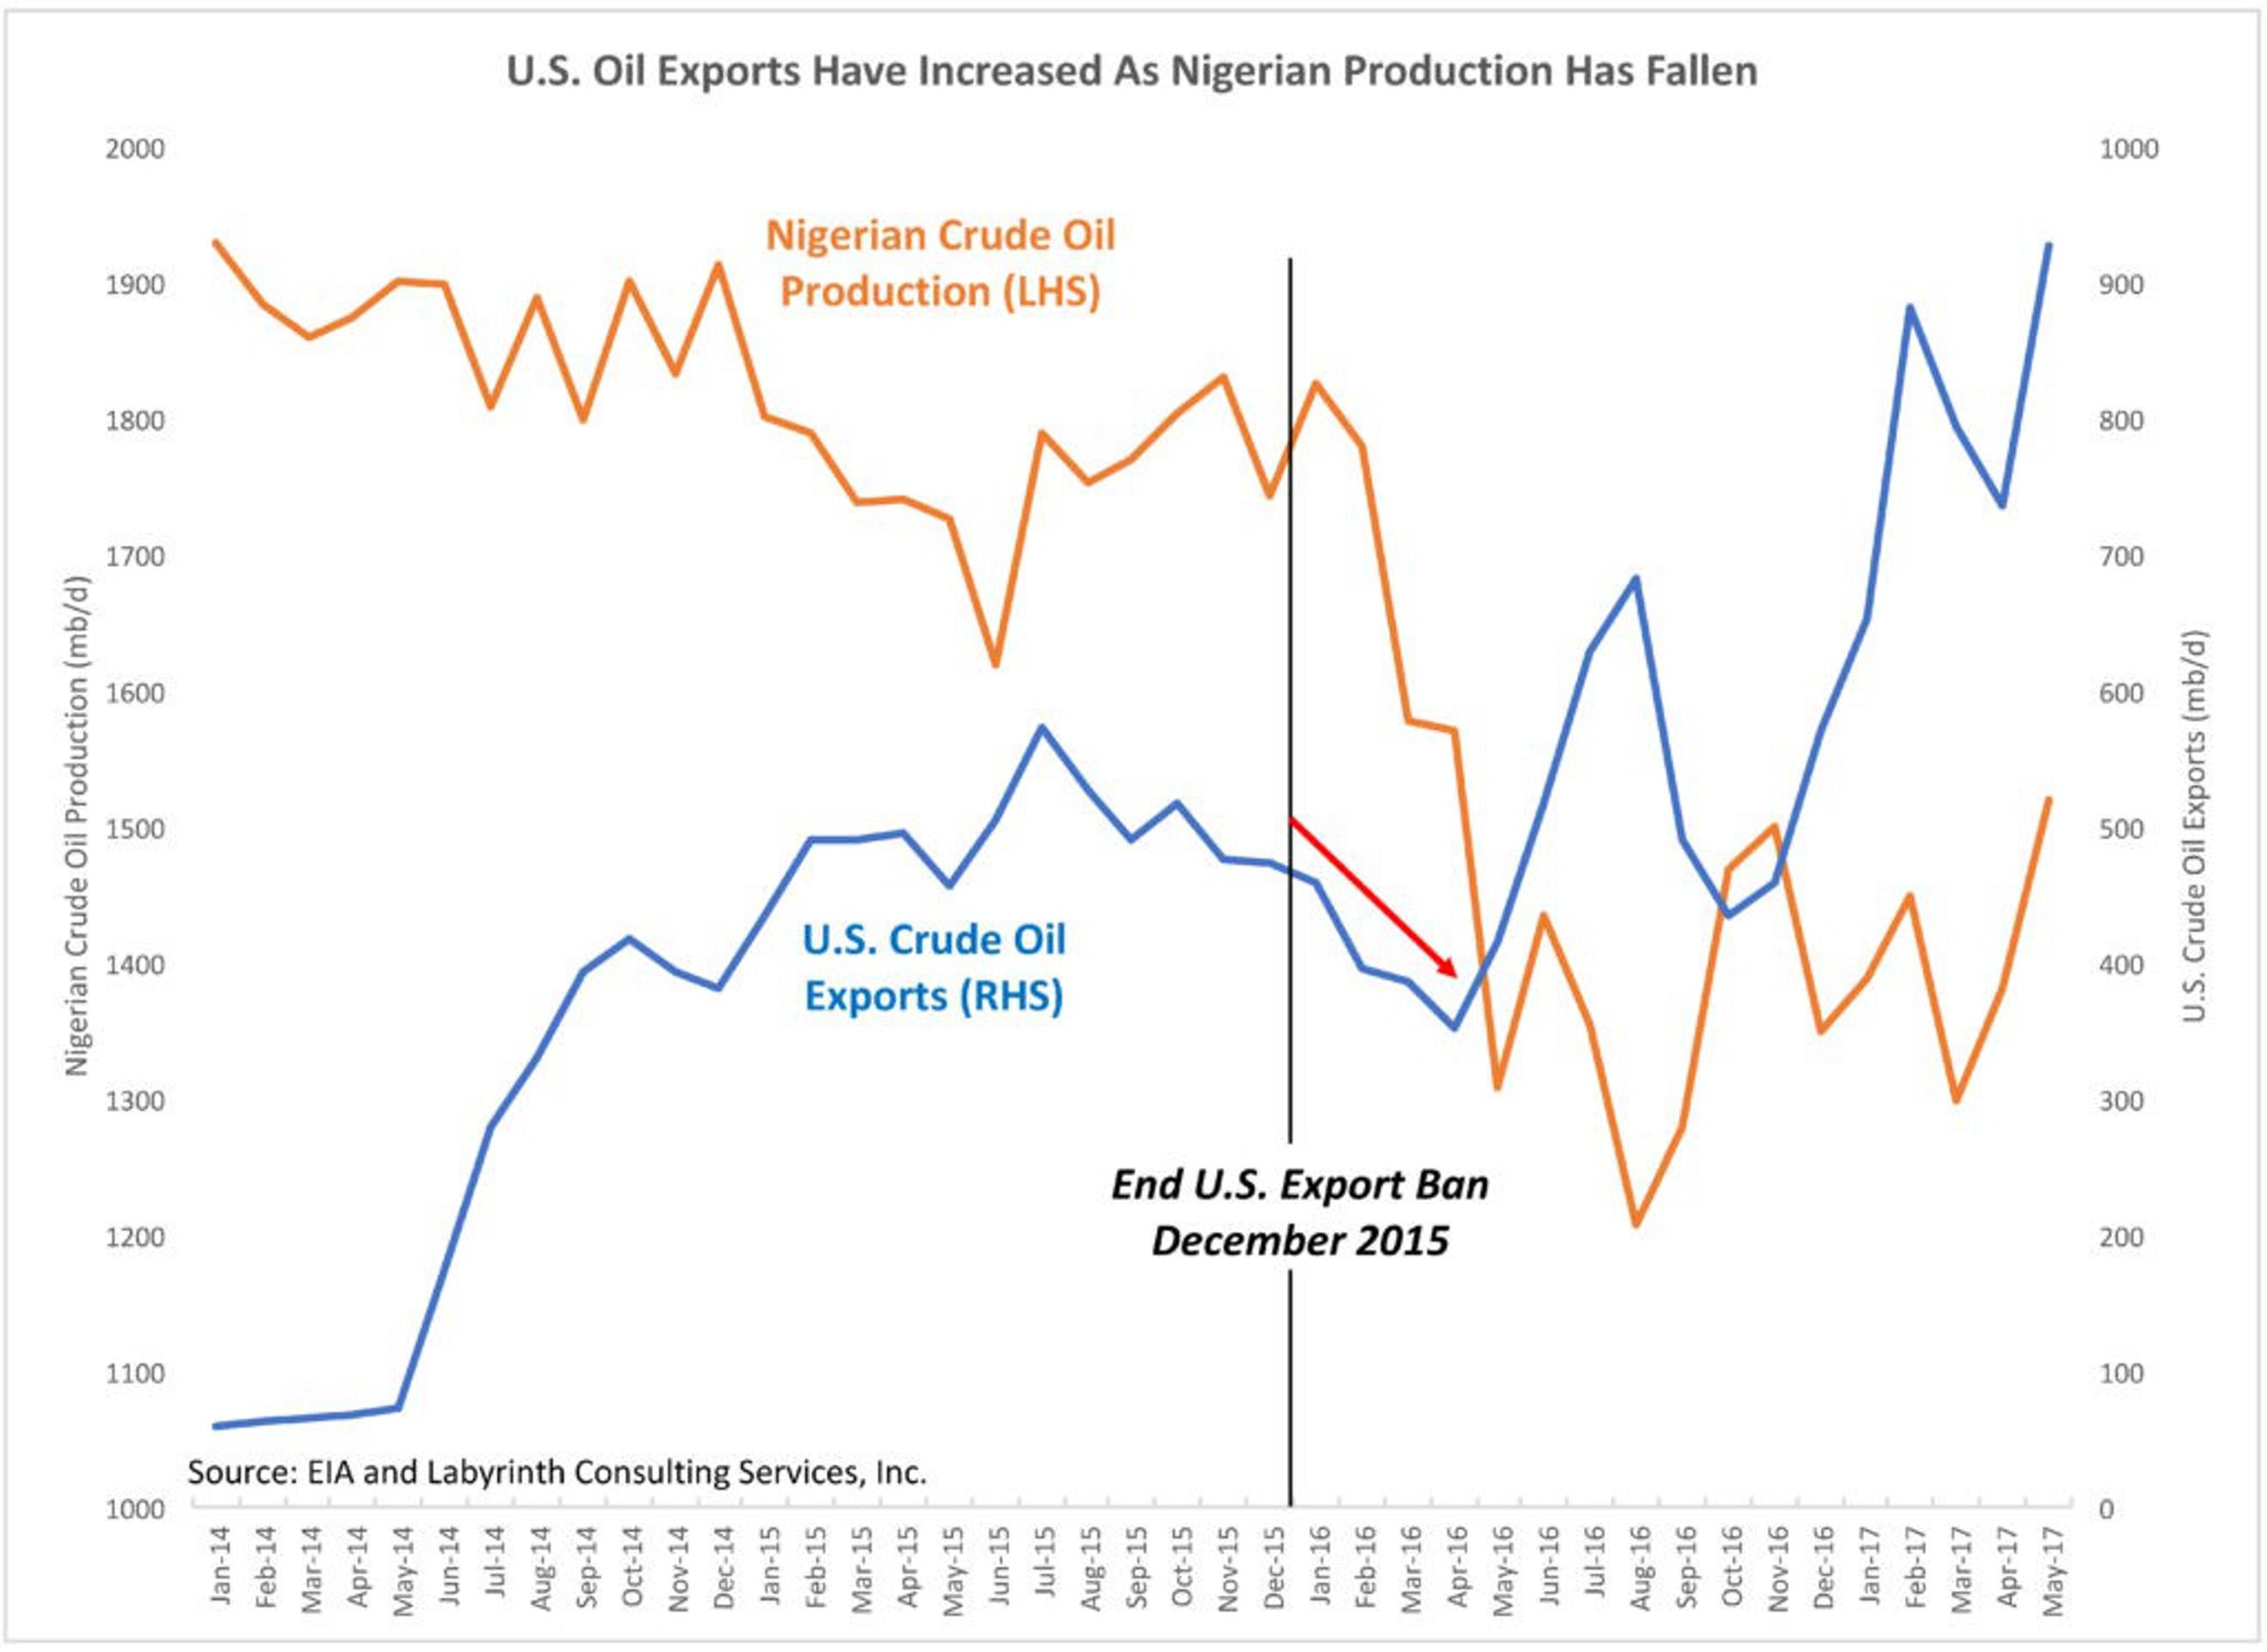 Нефтяной экспортный бум США: мифическая статистика?